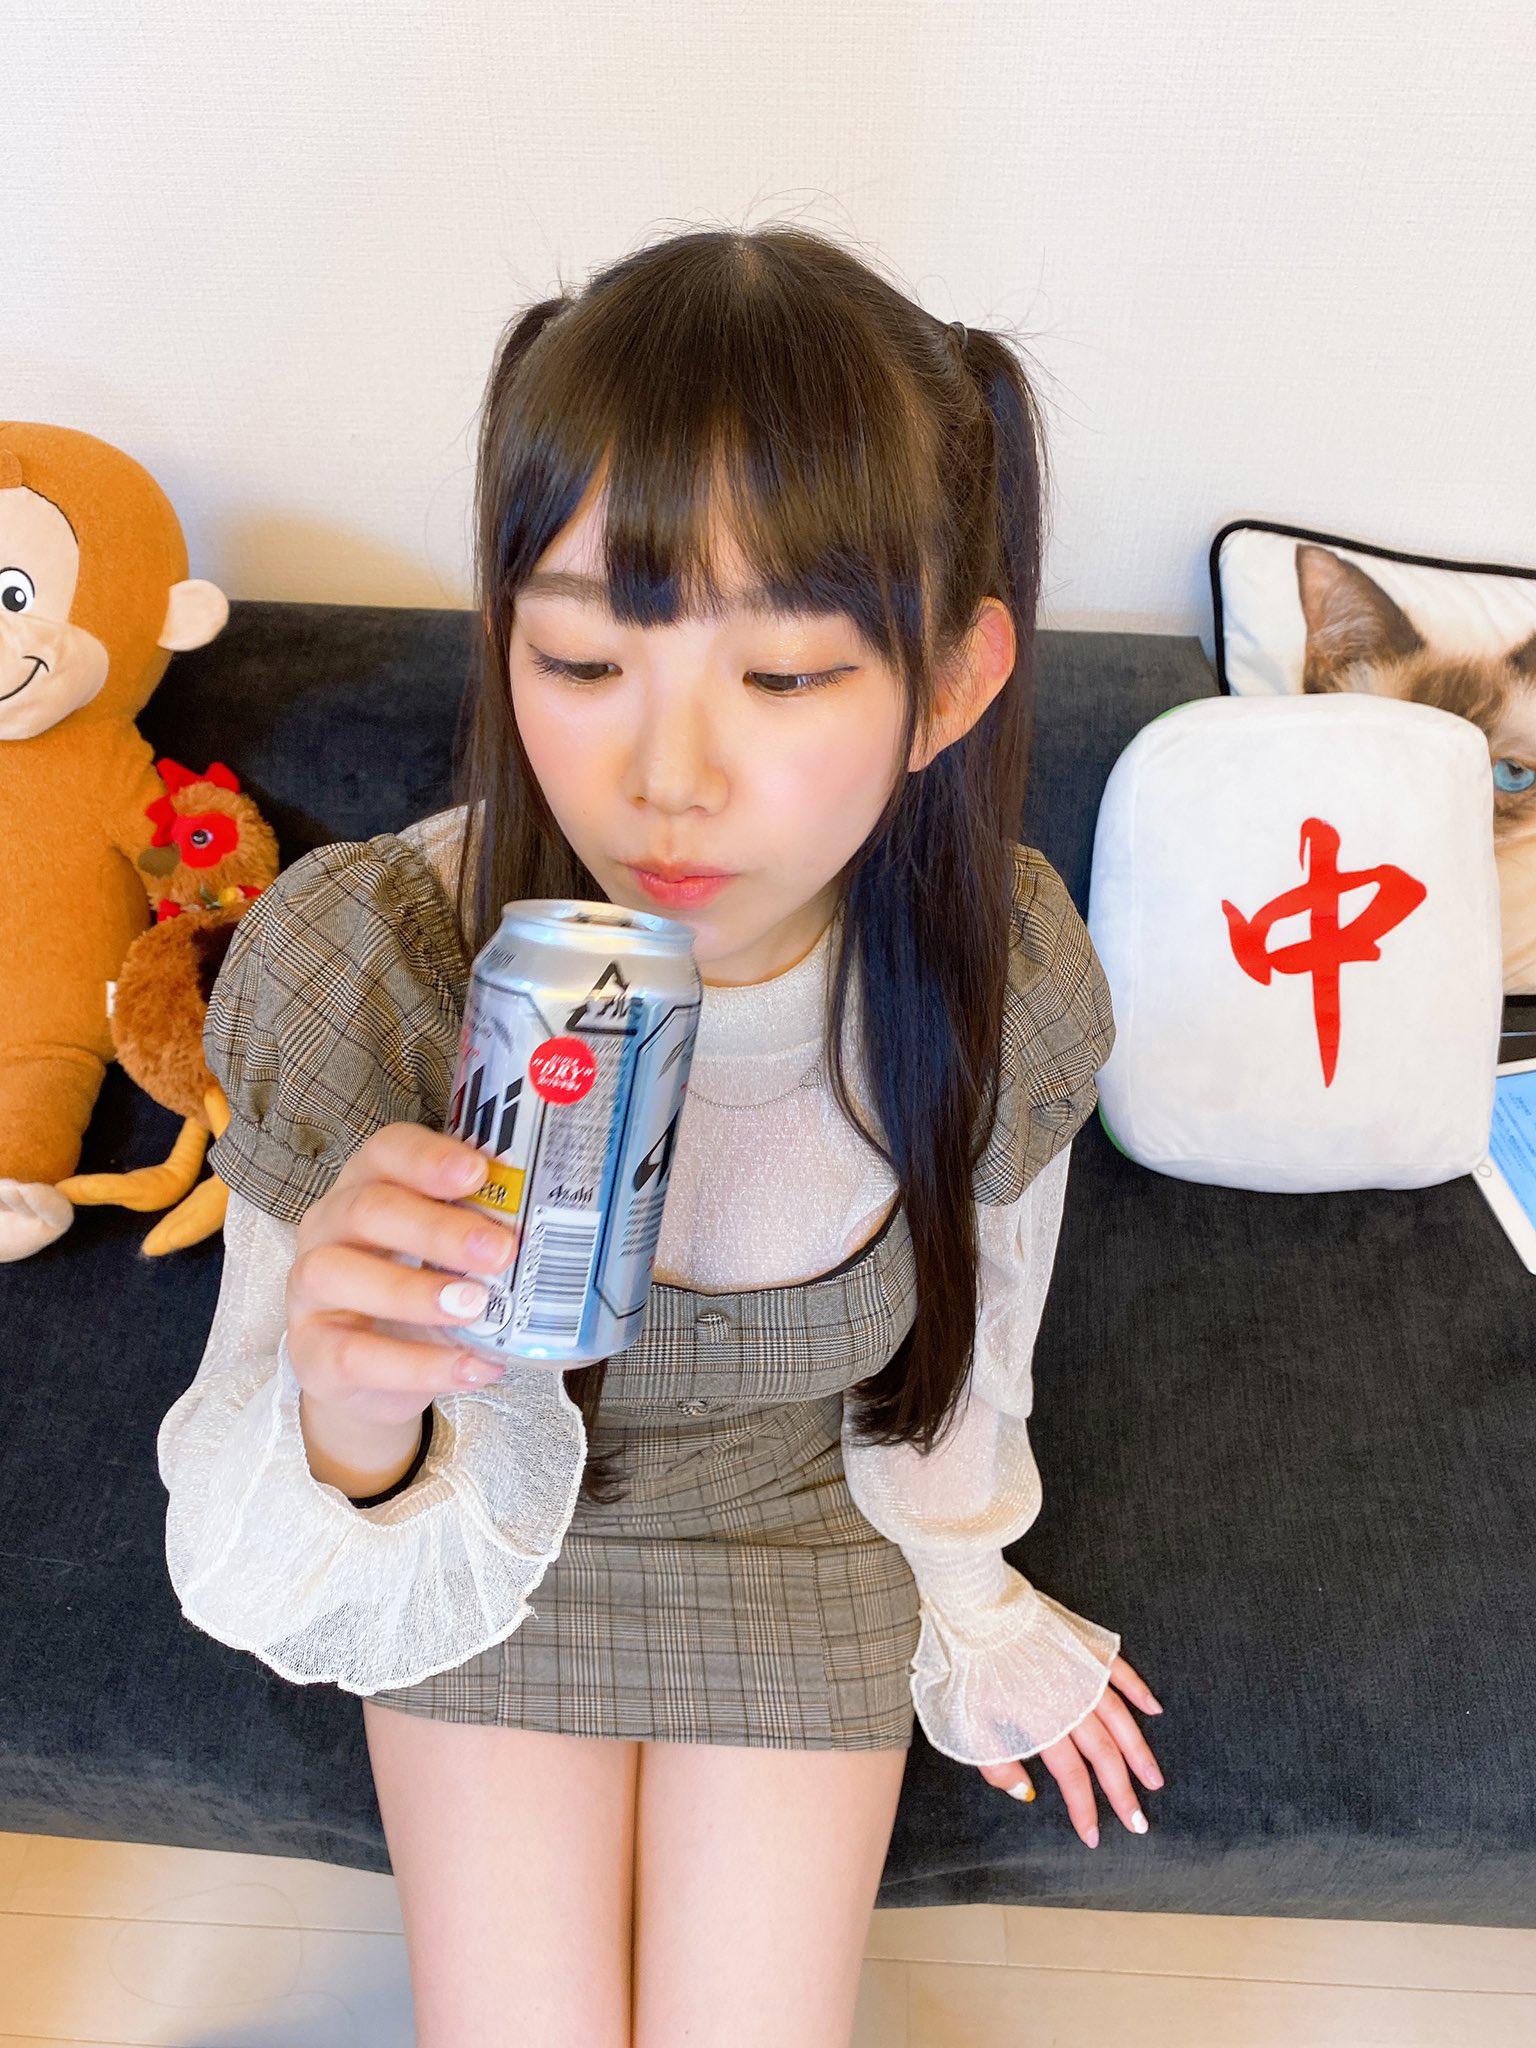 合法巨乳小学生《长泽茉里奈》防疫期间在家里也是性感全开